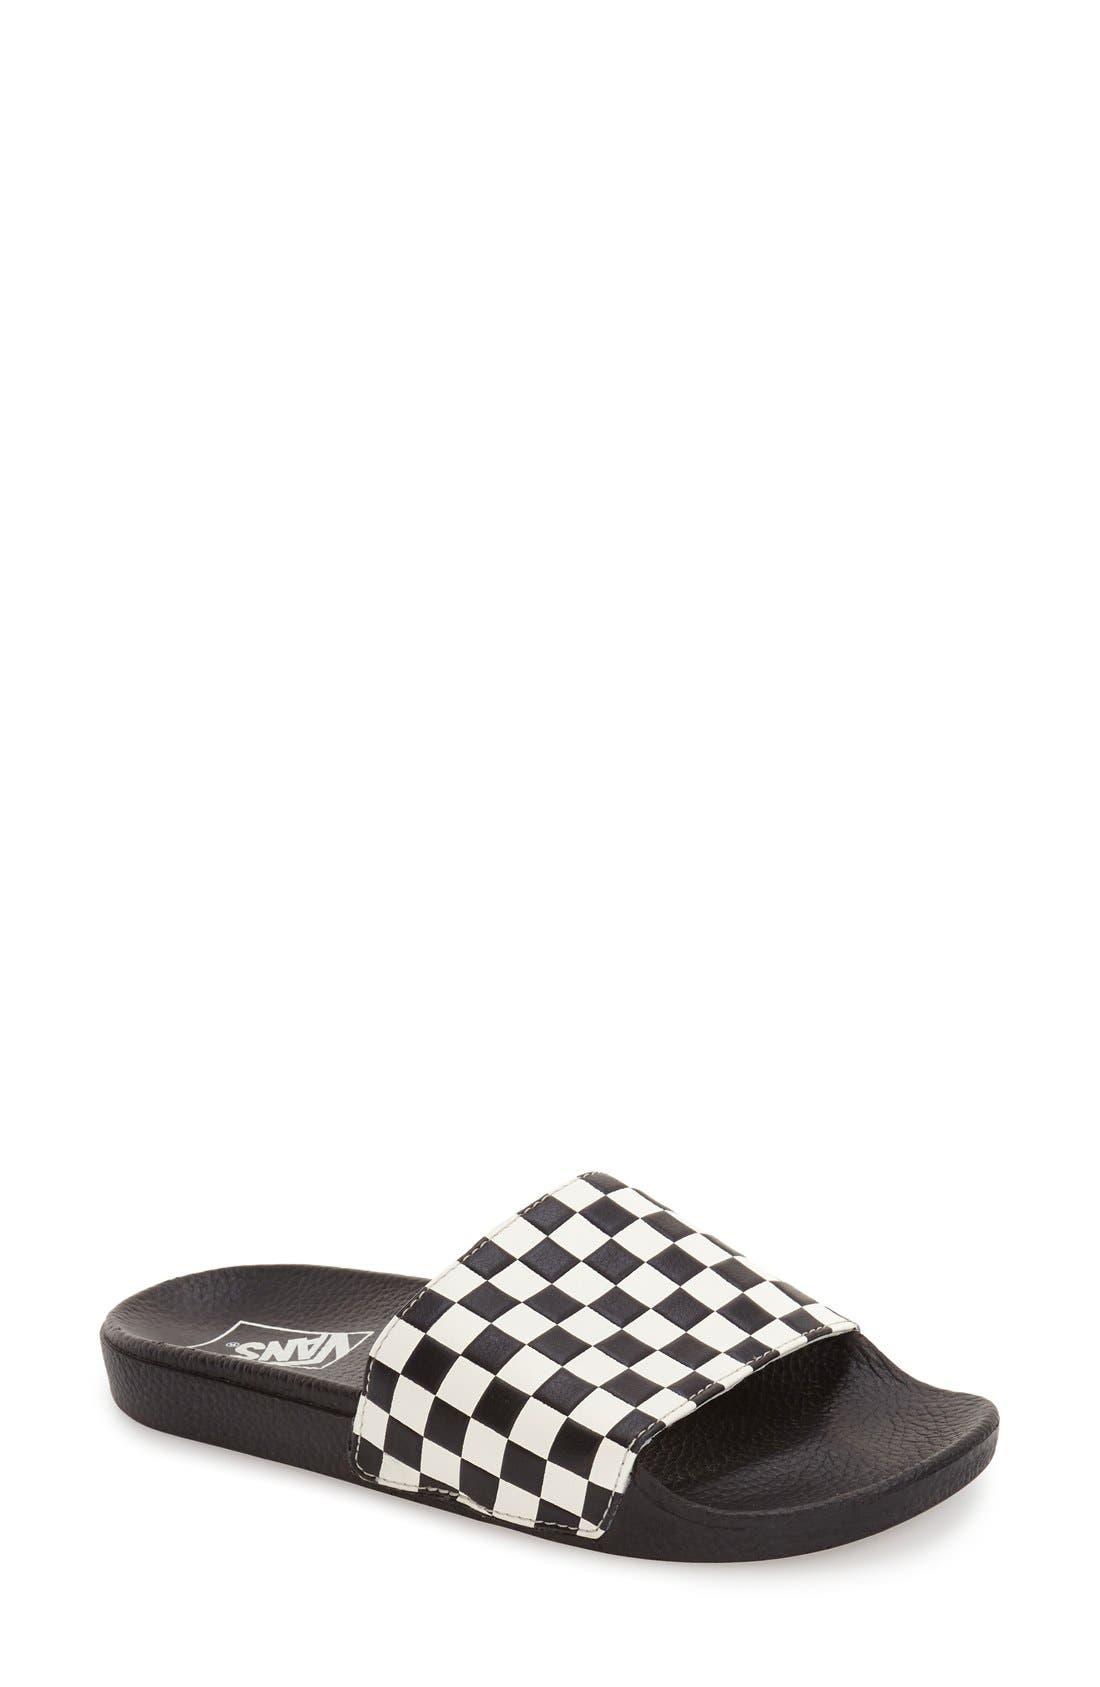 'Slide-On' Slide Sandal,                             Alternate thumbnail 2, color,                             WHITE CHECKERBOARD